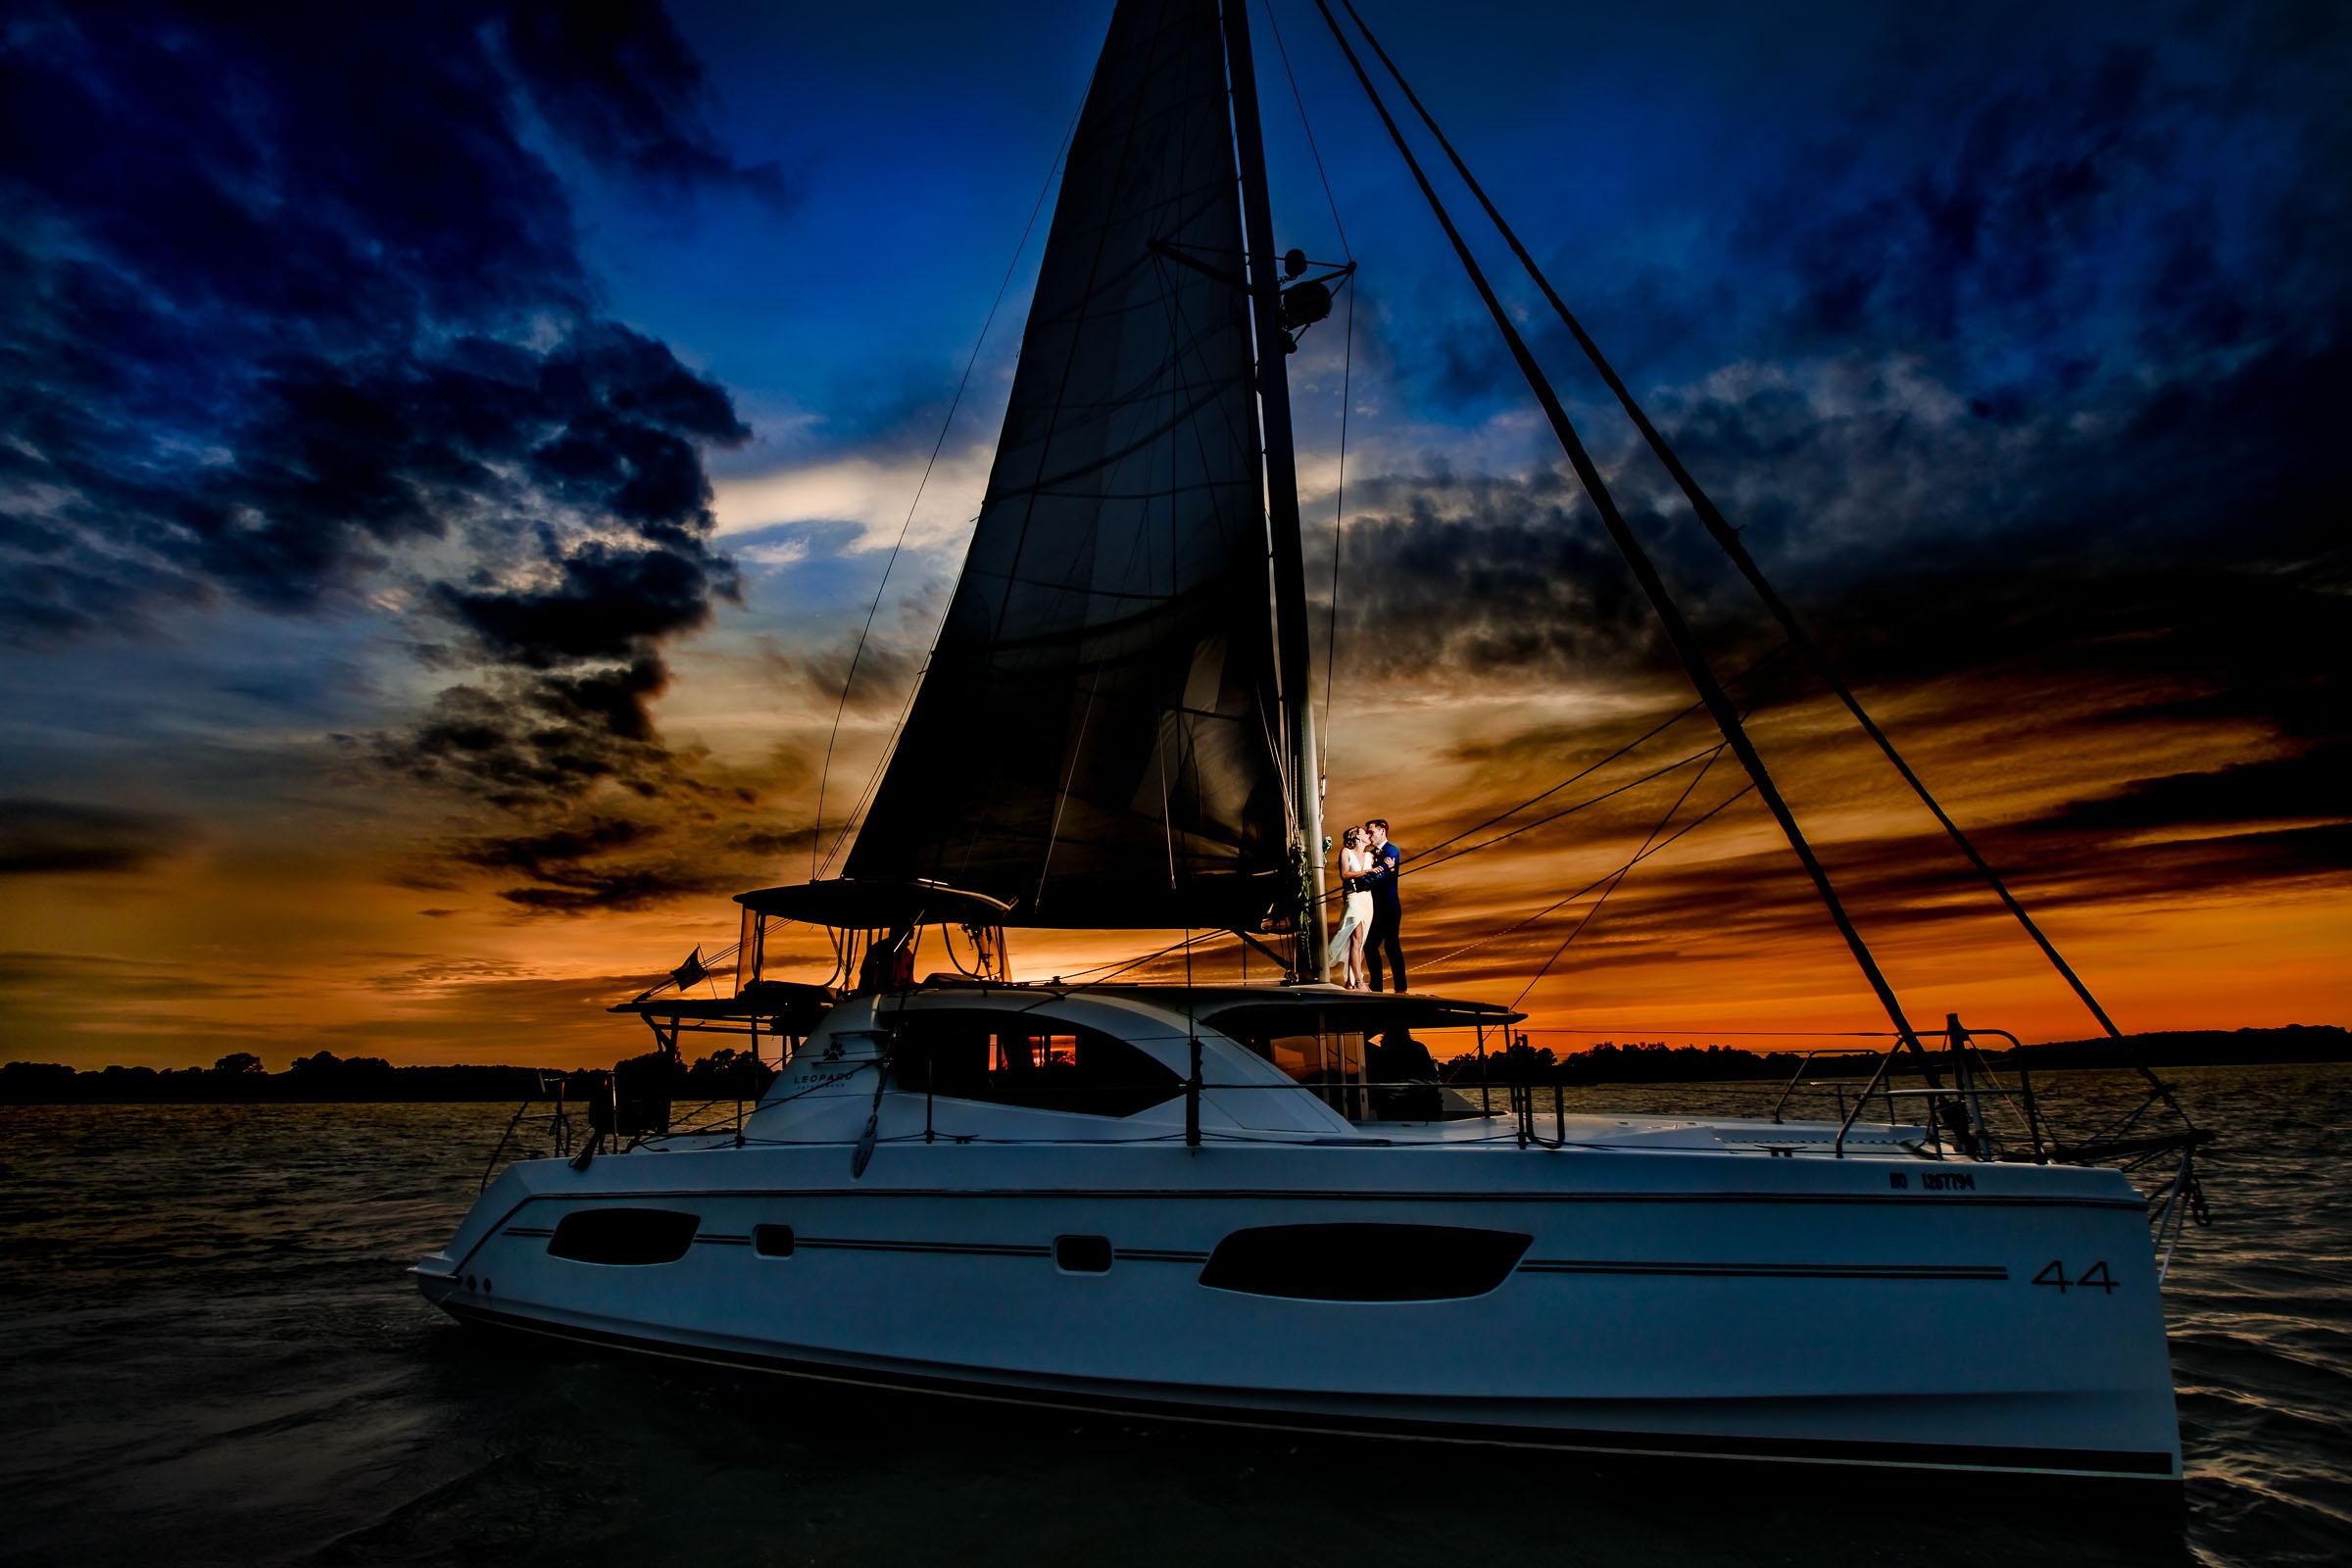 couple-on-catamaran-at-sunset-jos-tree